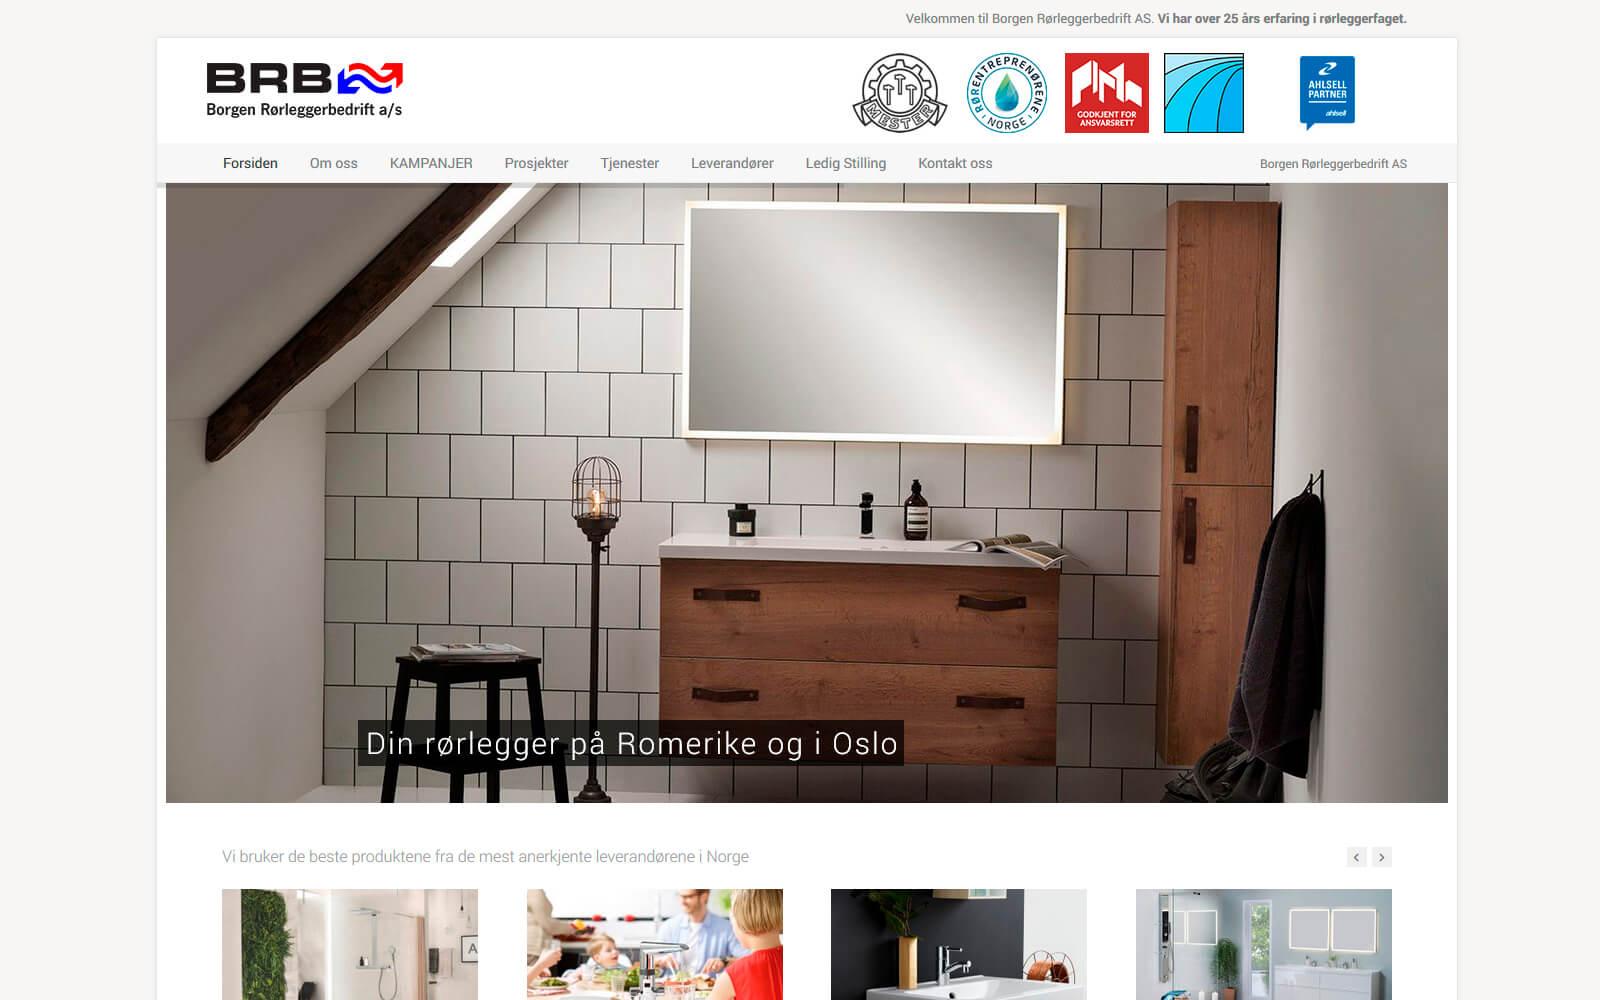 Borgen Rørleggerbedrift webside